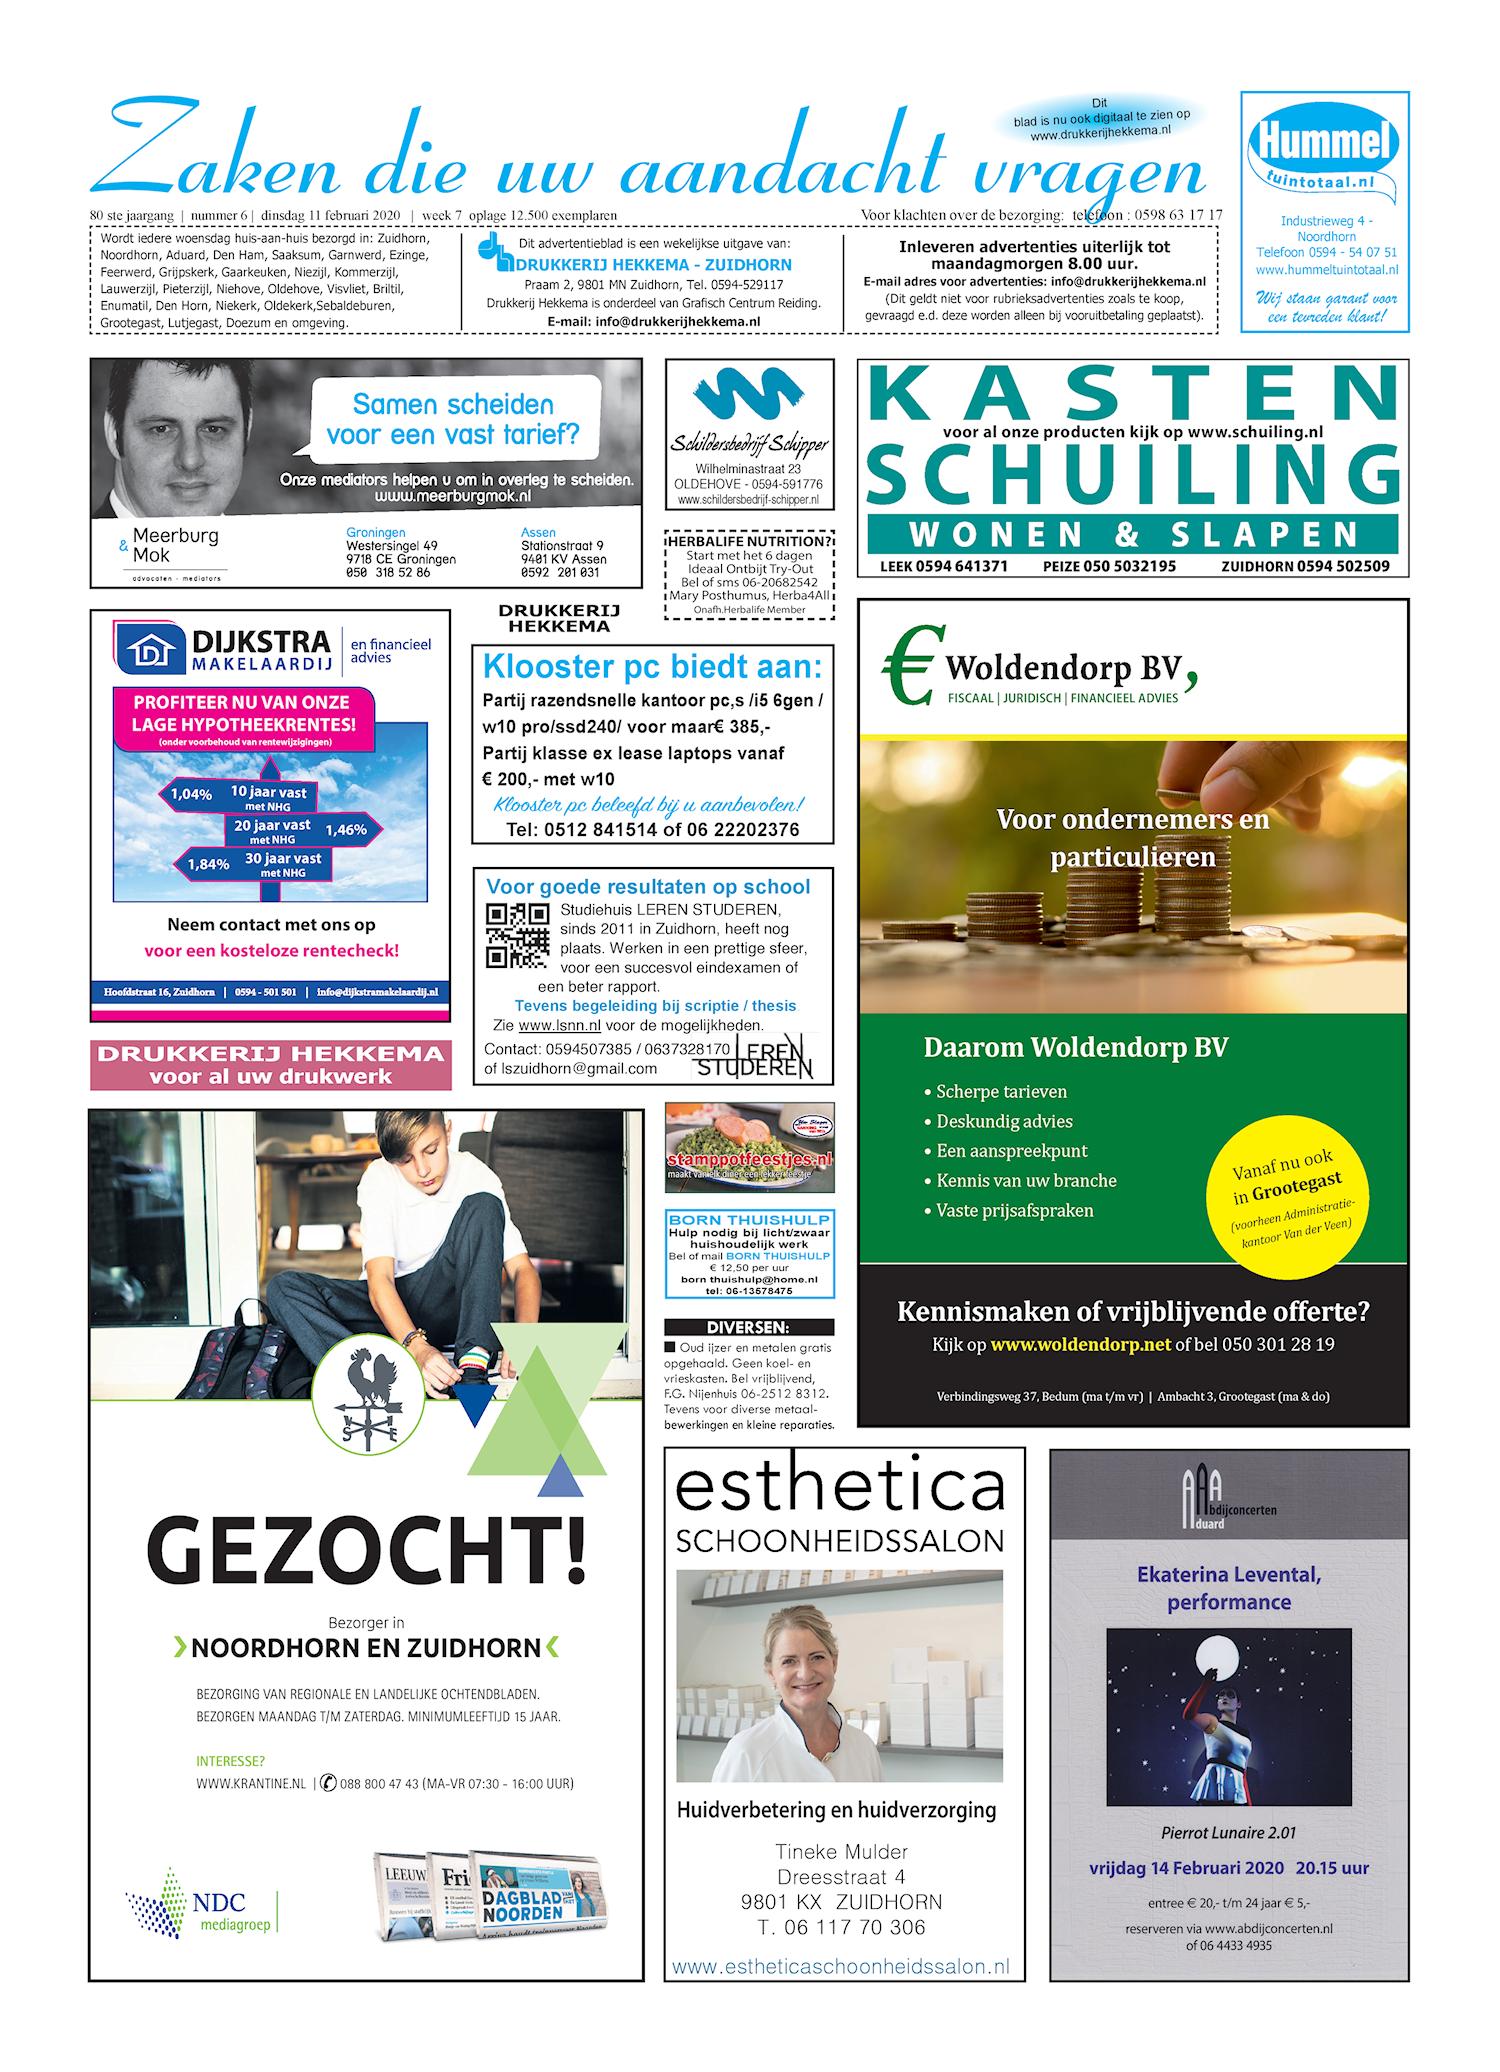 Drukkerij Hekkema - Zuidhorn - Zaken die uw aandacht vragen 2020 week 7